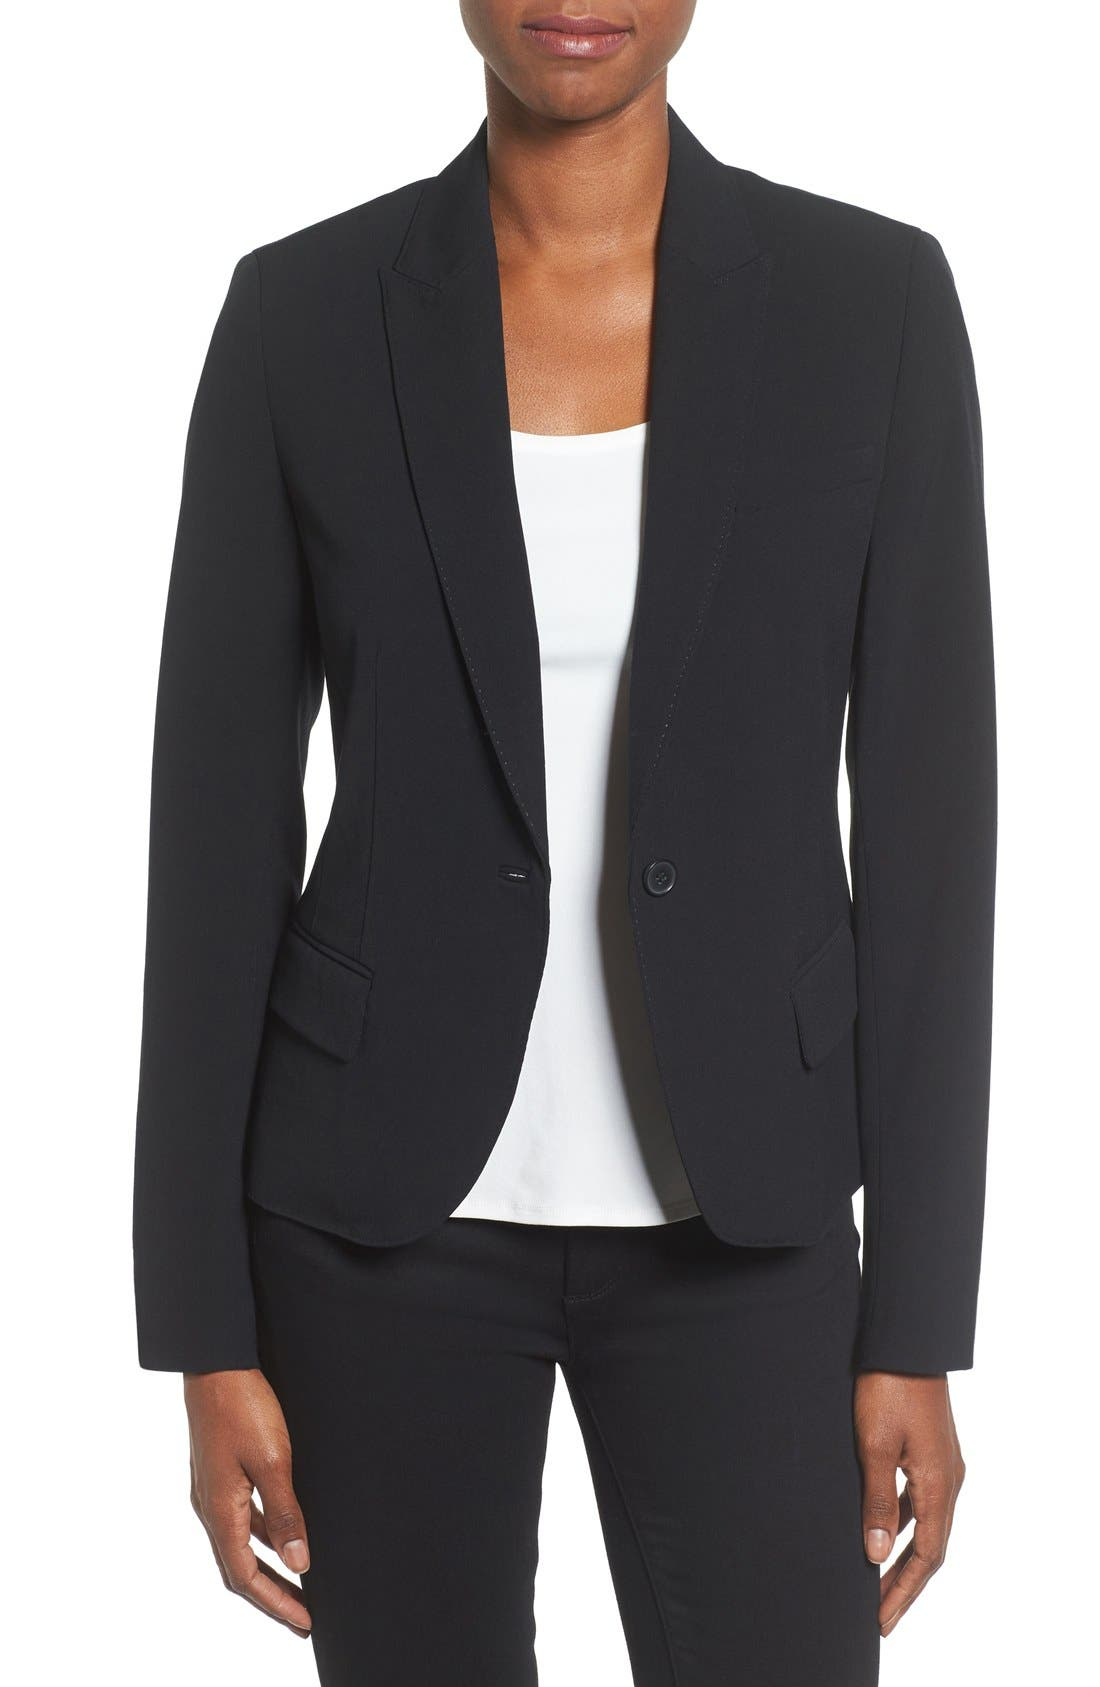 ANNE KLEIN, One-Button Suit Jacket, Main thumbnail 1, color, 001